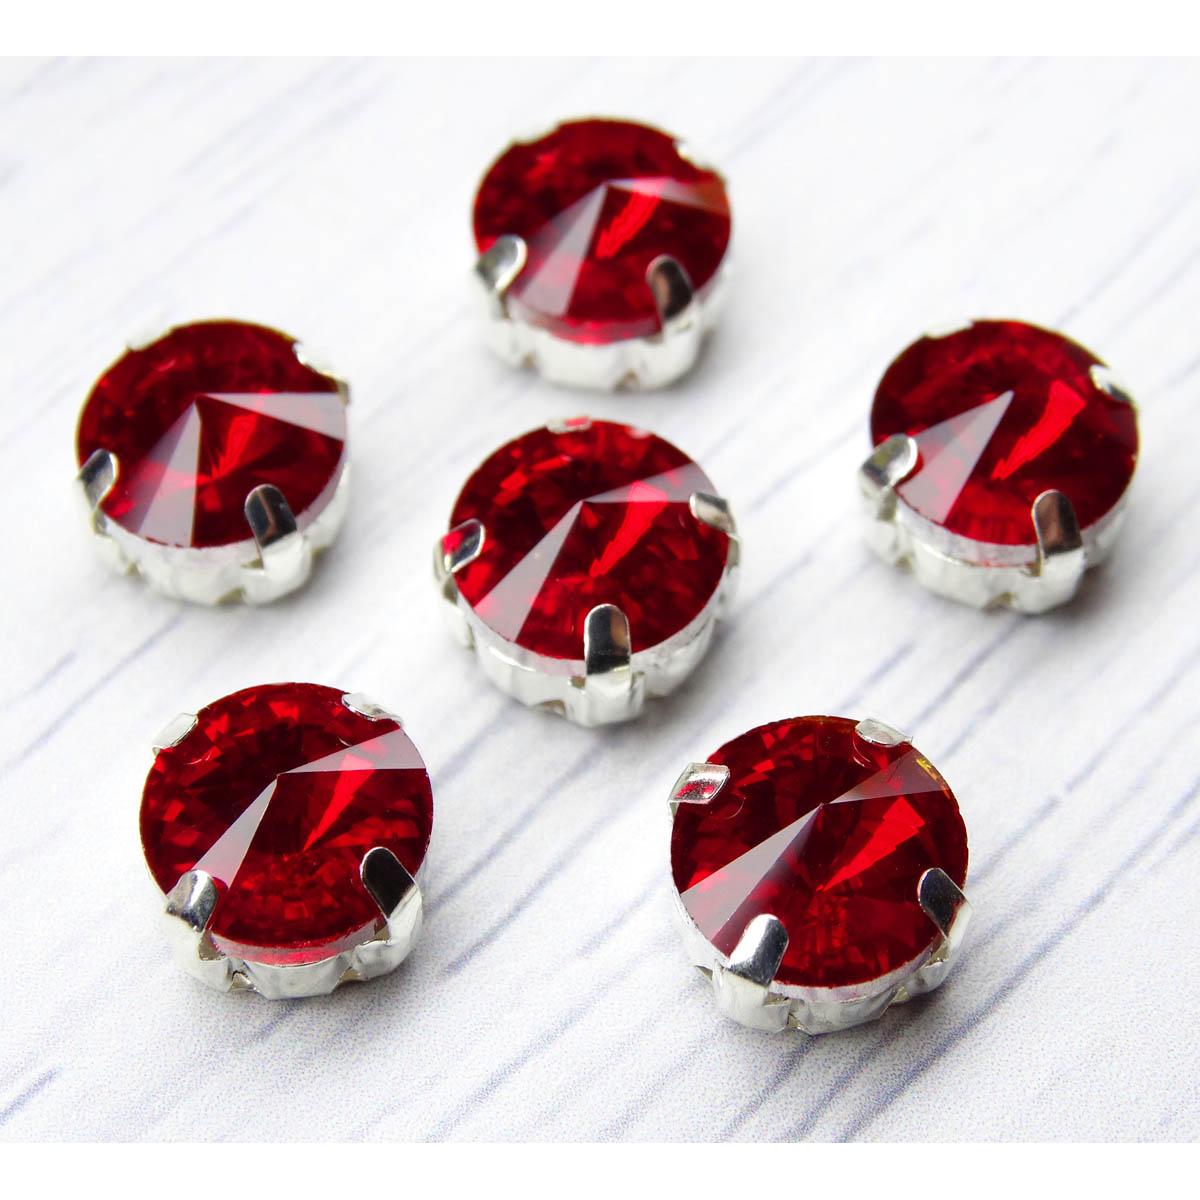 РЦ008НН10 Хрустальные стразы в цапах круглой формы, красный 10 мм, 5 шт. Астра